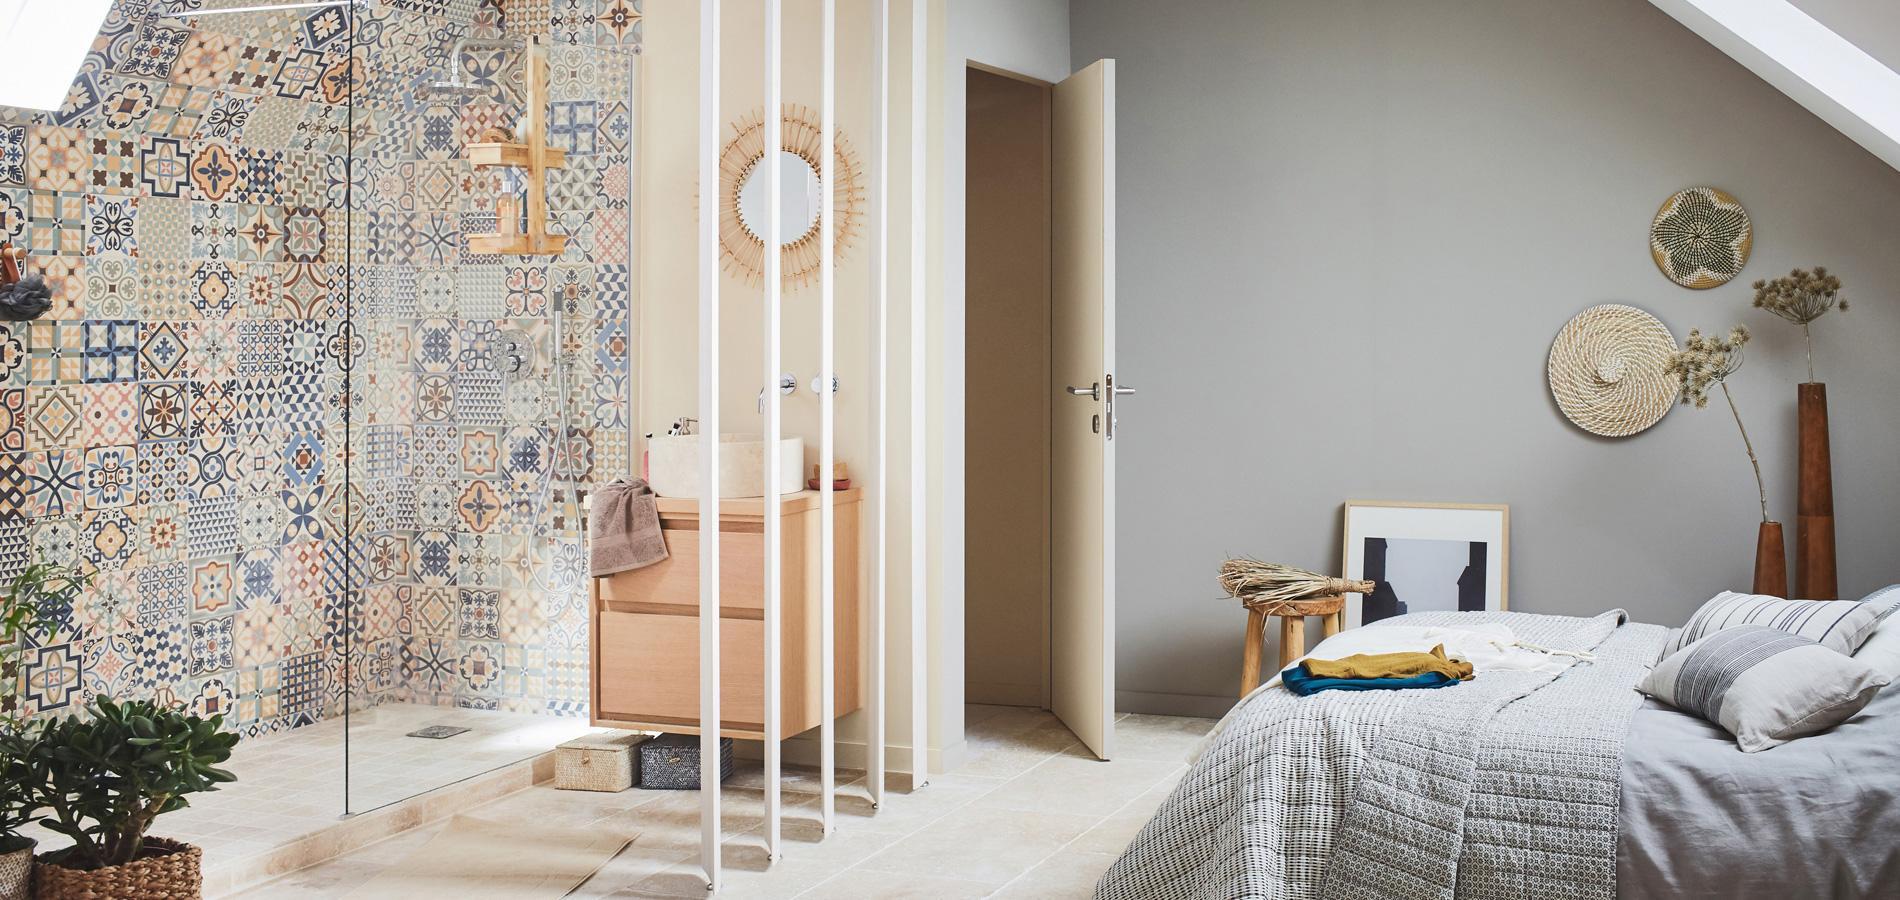 cinq conseils pour bien am nager une suite parentale madame figaro. Black Bedroom Furniture Sets. Home Design Ideas